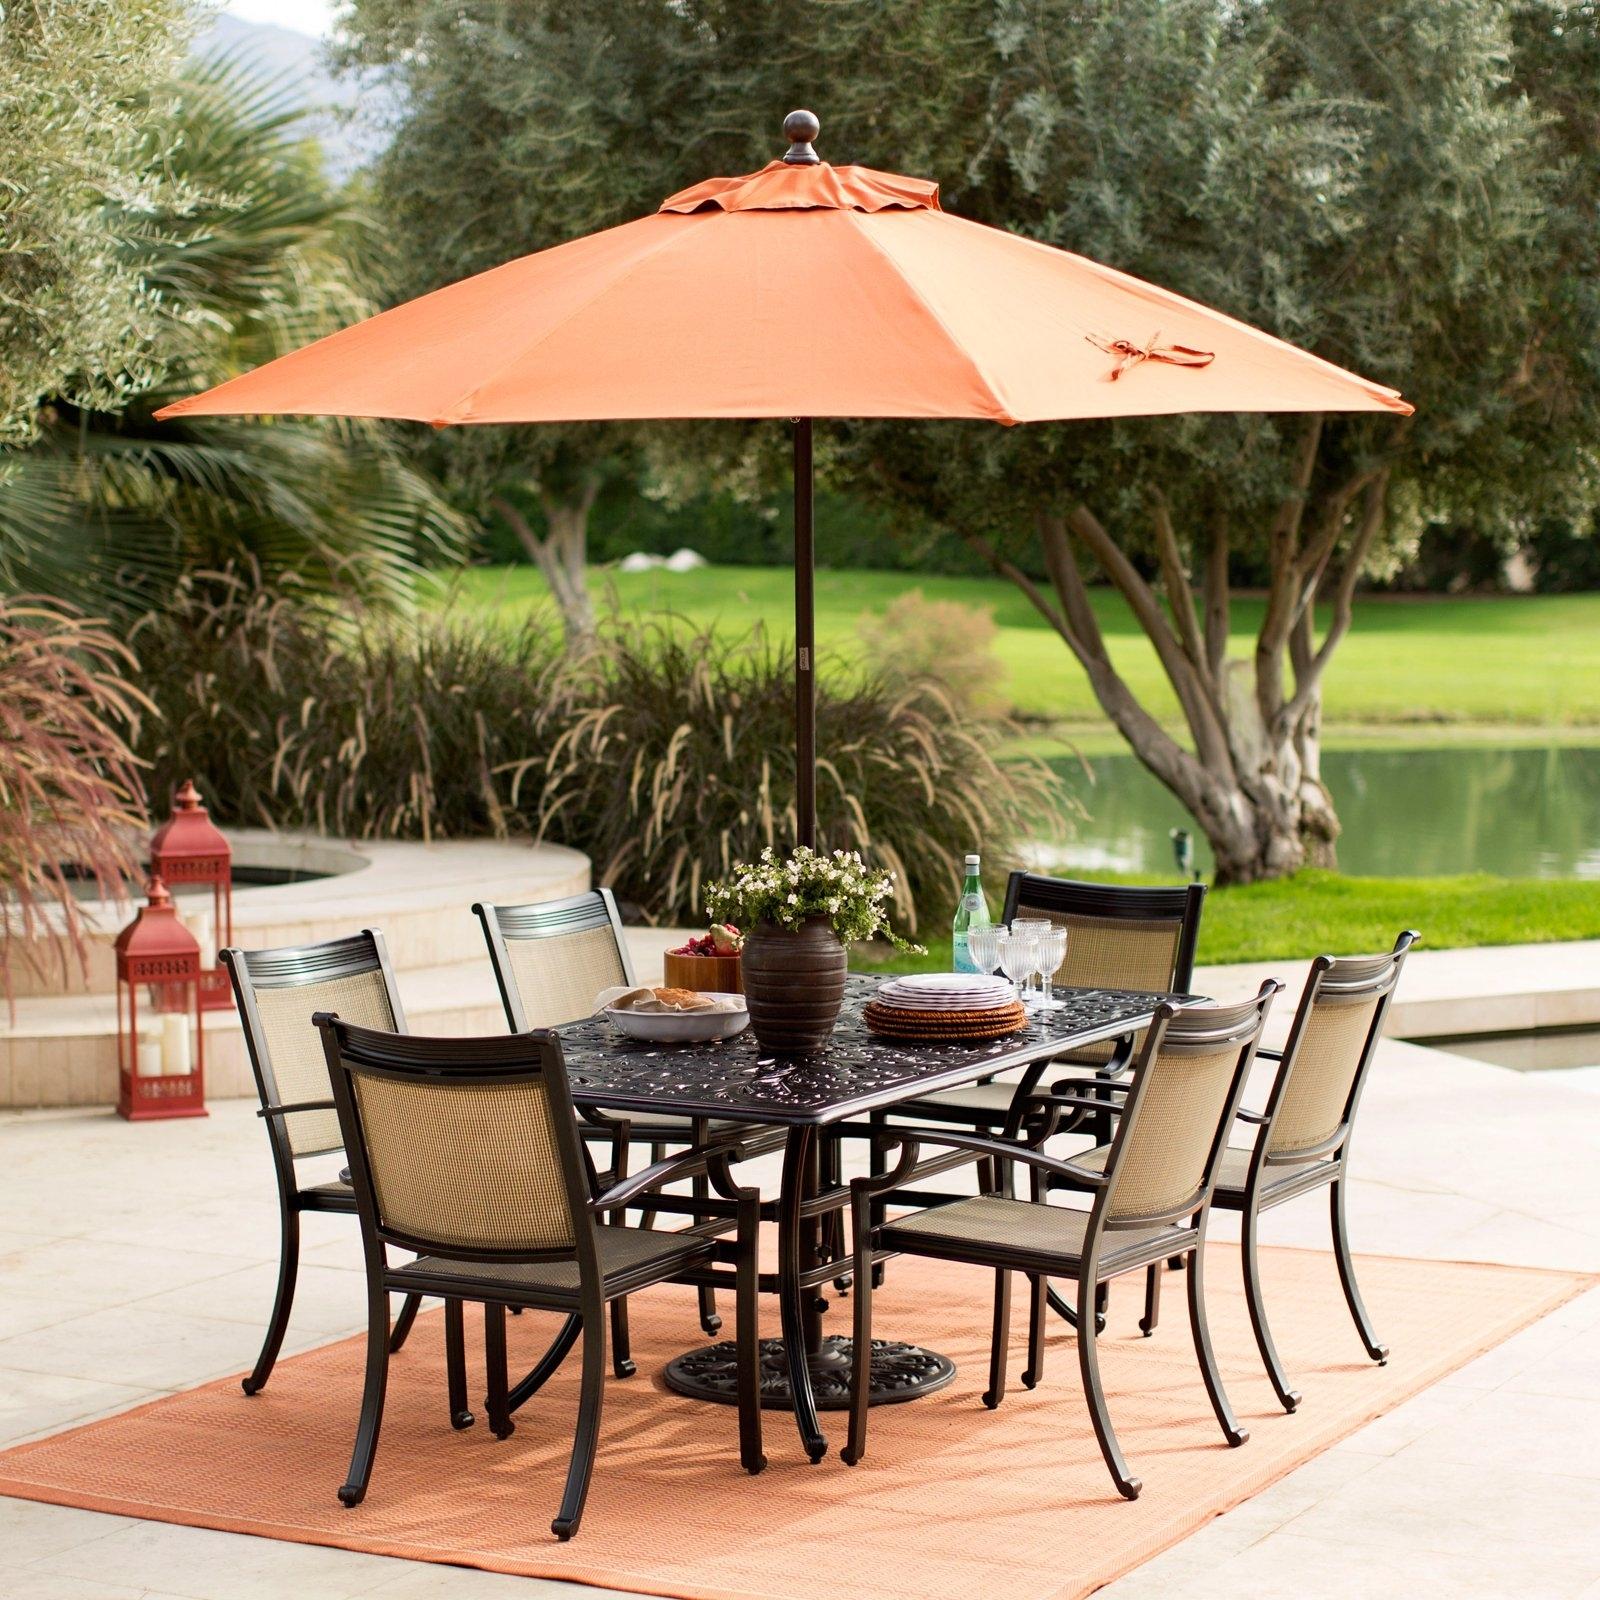 Popular Sunbrella Outdoor Patio Umbrellas Regarding Coral Coast 9 Ft (View 11 of 20)